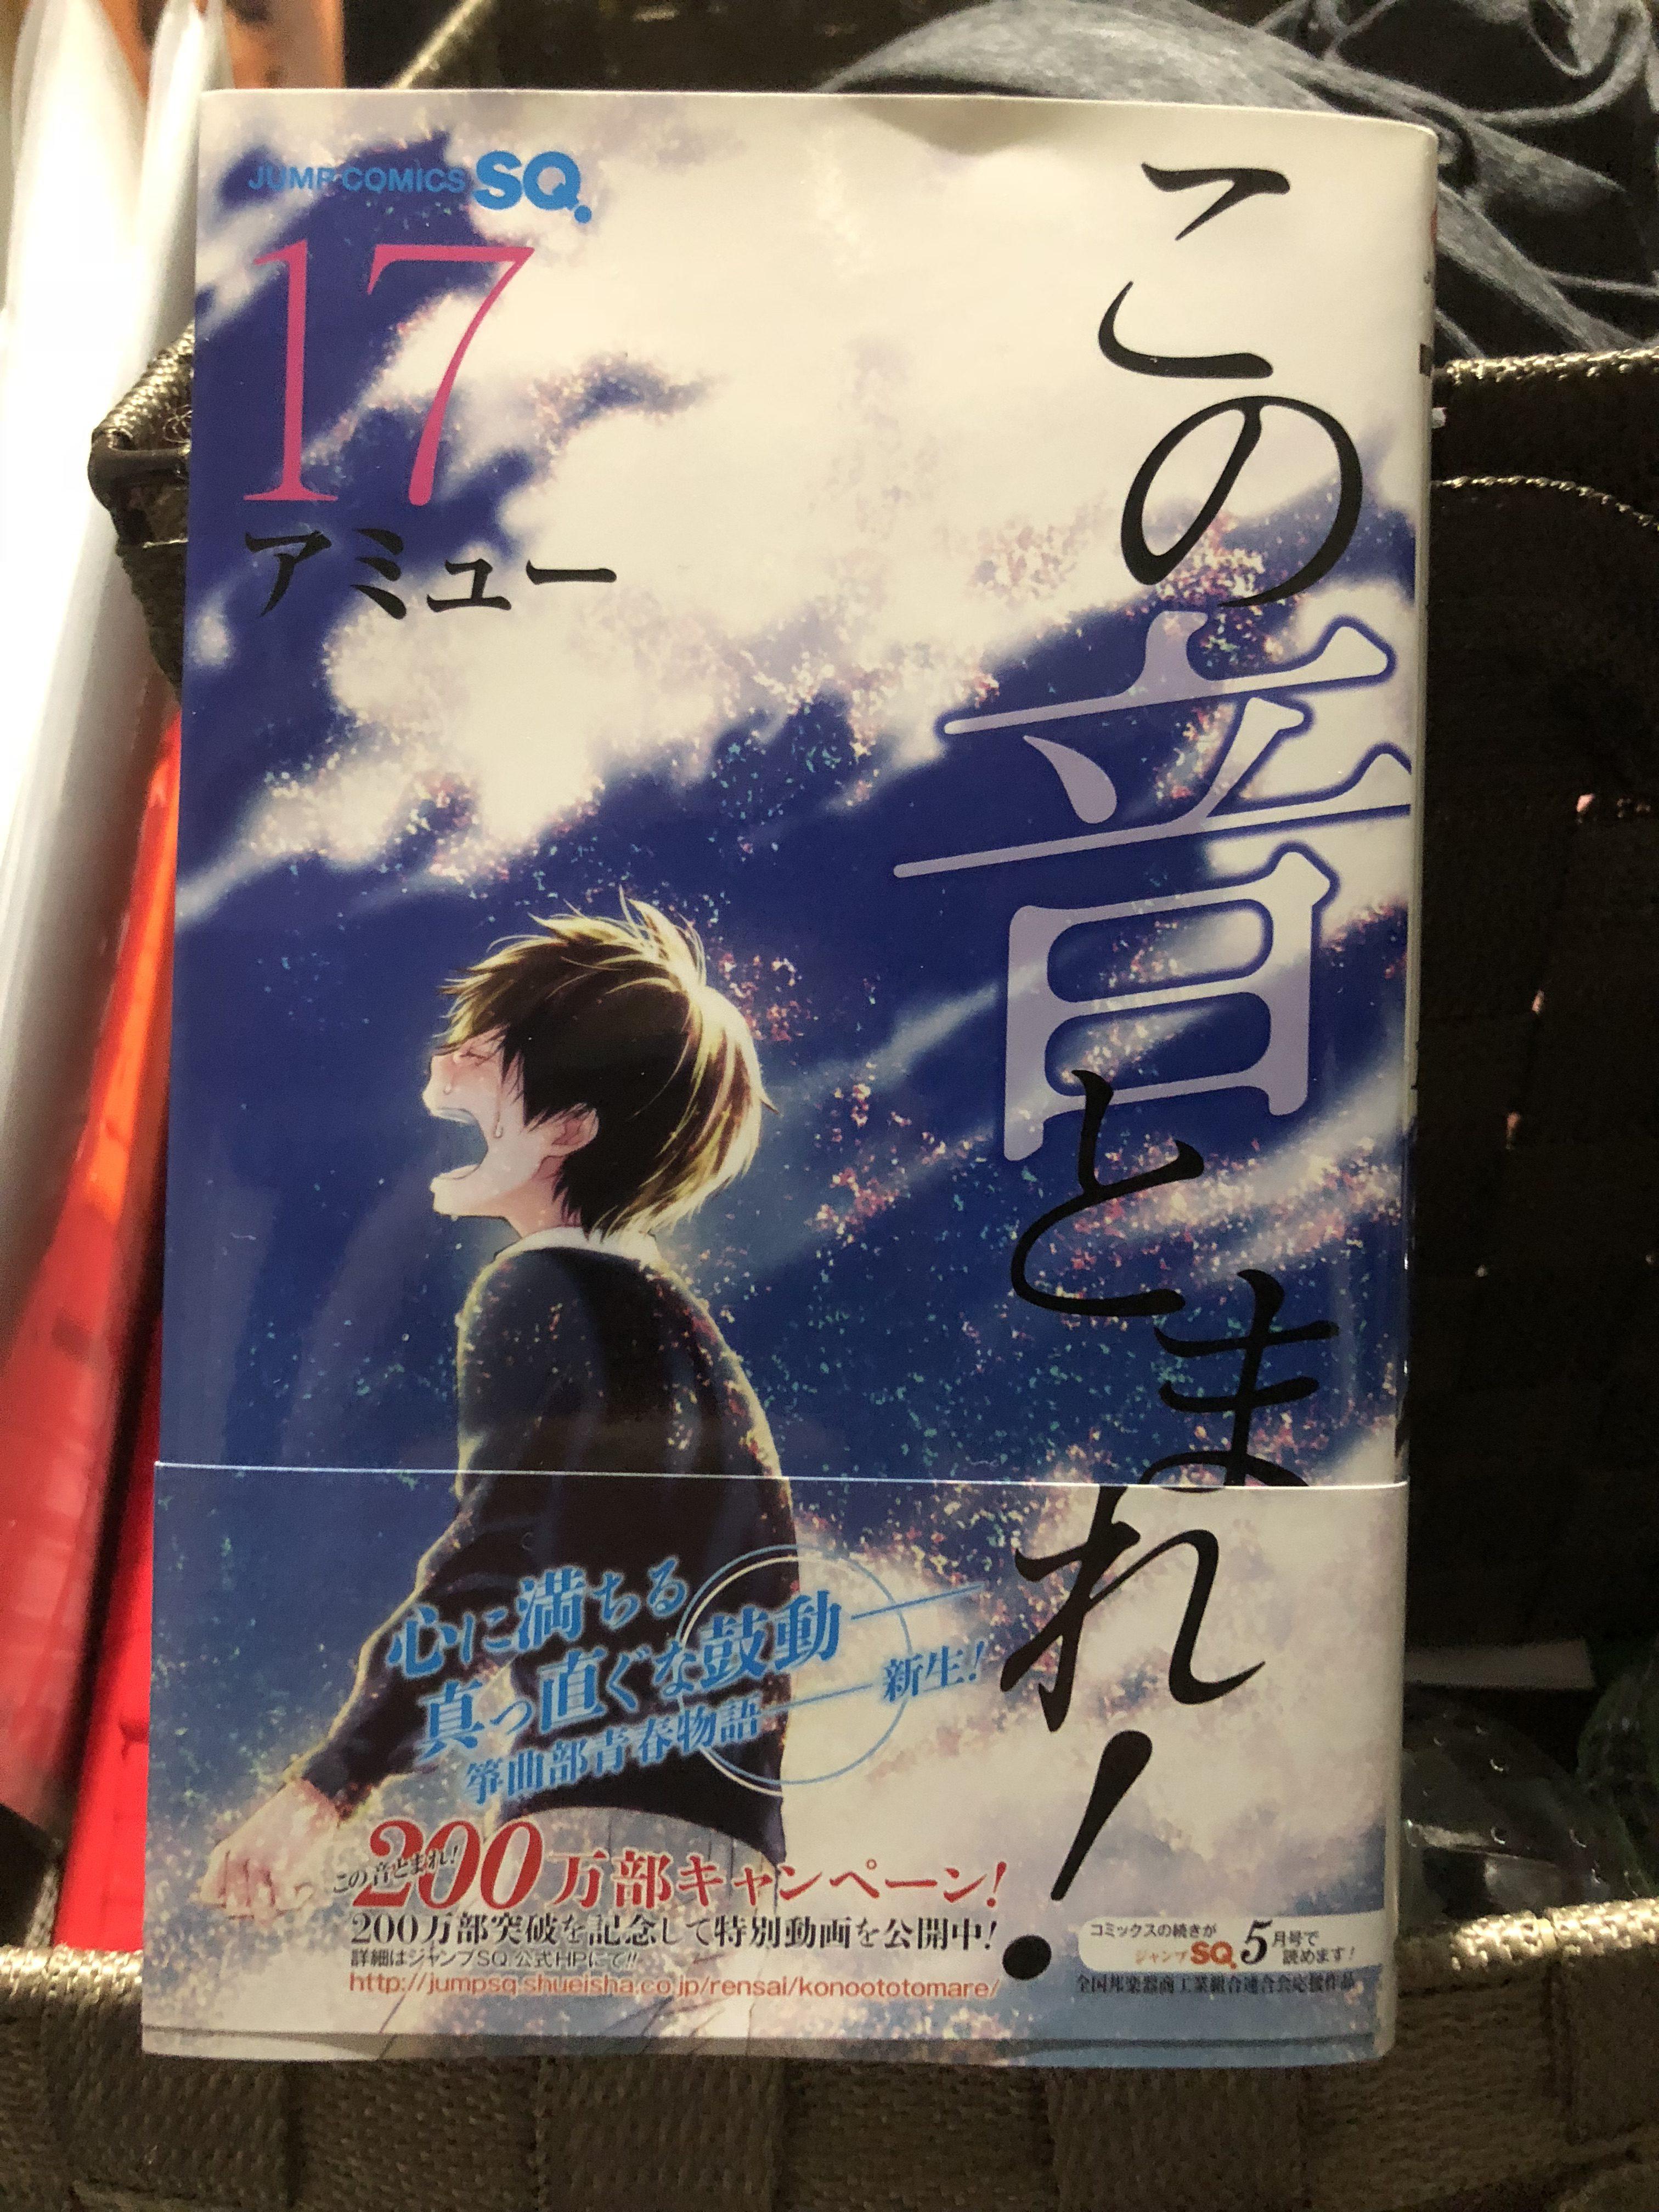 響けココロ、歌へ恋物語 マンガ紹介【この音とまれ】最新17巻